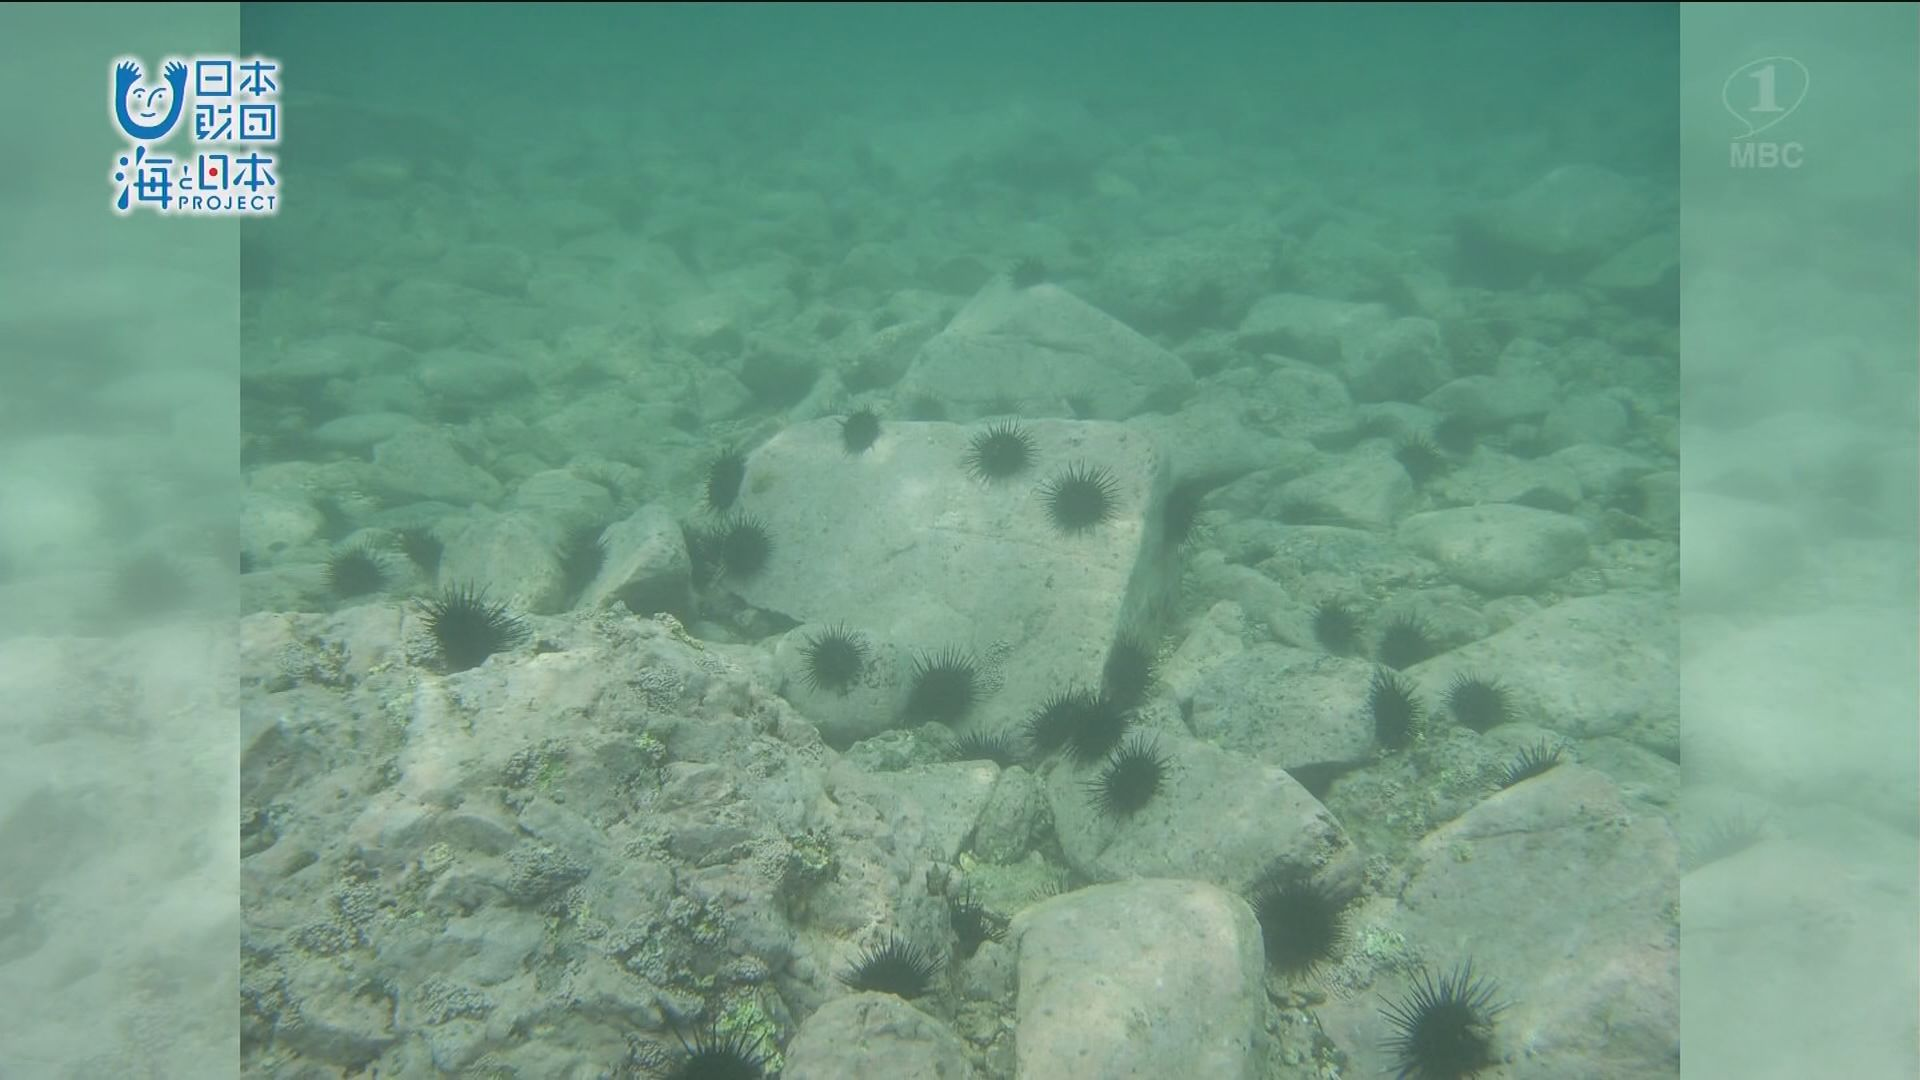 深刻な環境問題「阿久根のウニ」の生息する海を守る取り組み